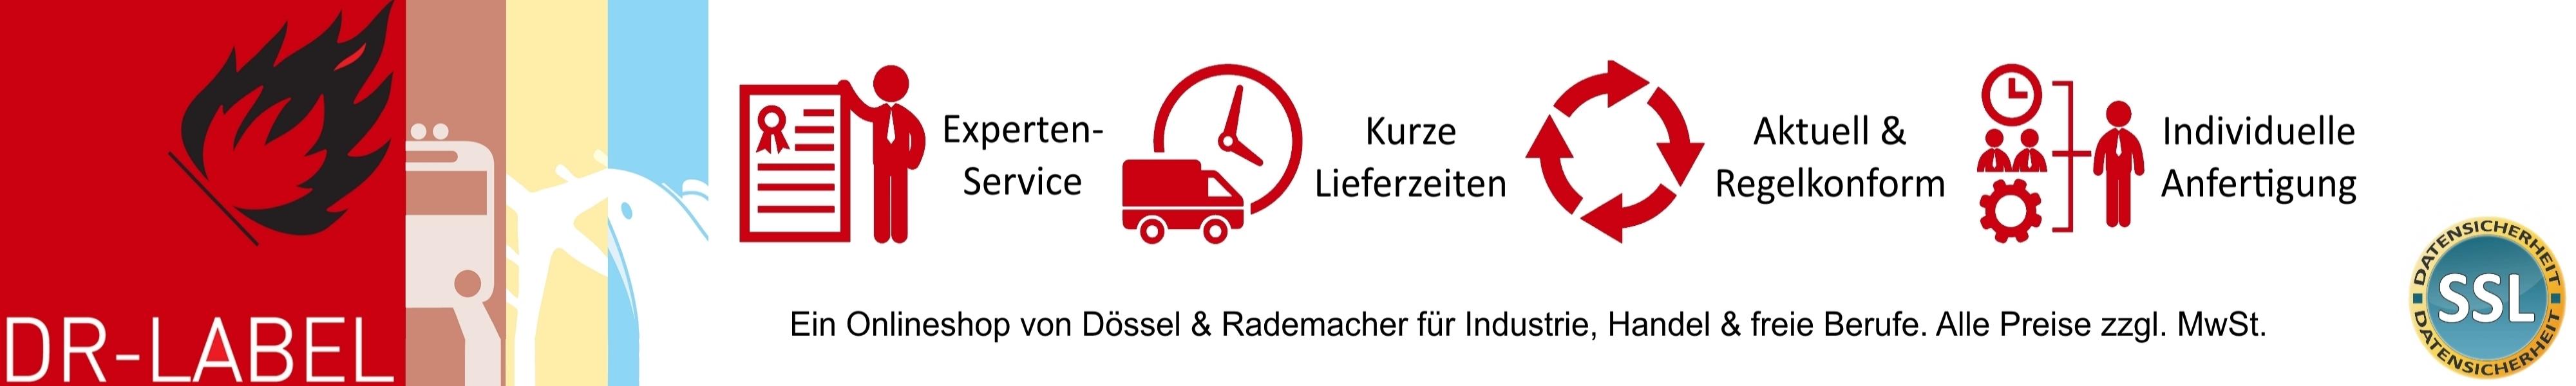 DR-Label-Logo